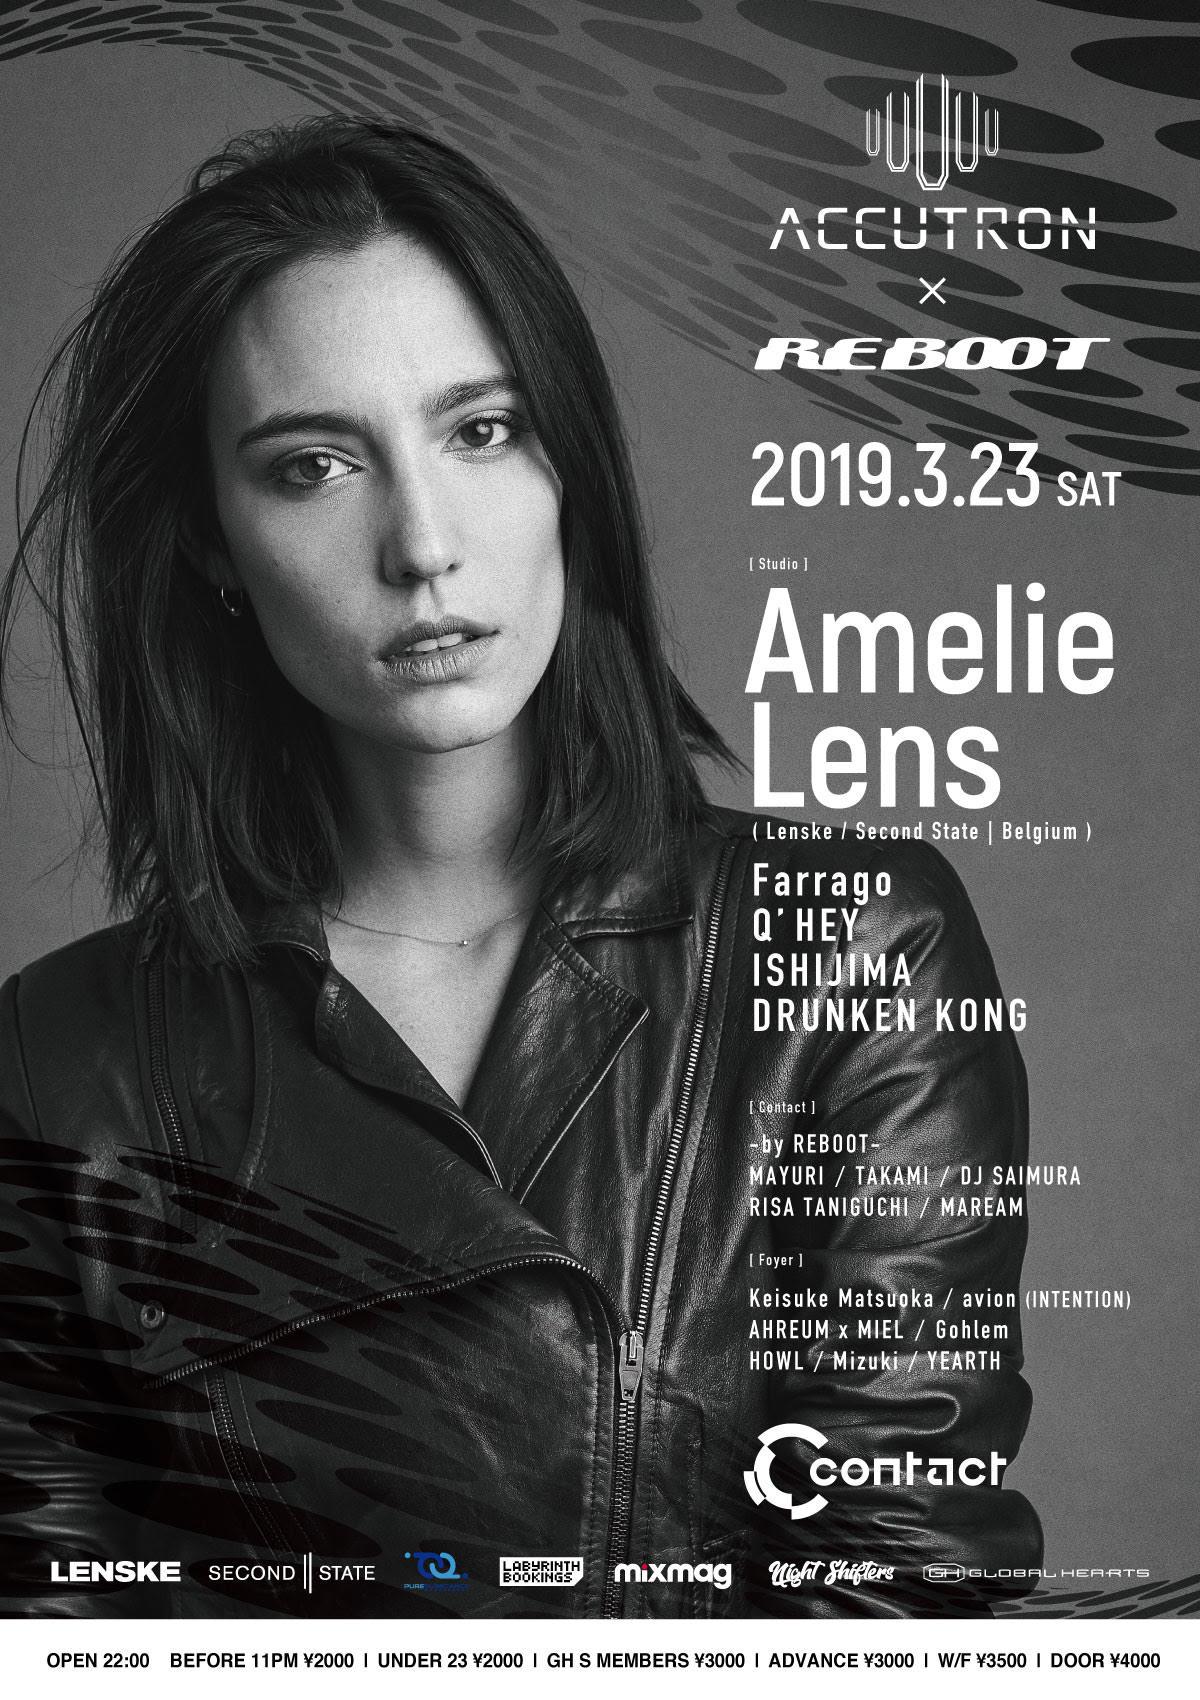 ACCUTRON 08 × REBOOT